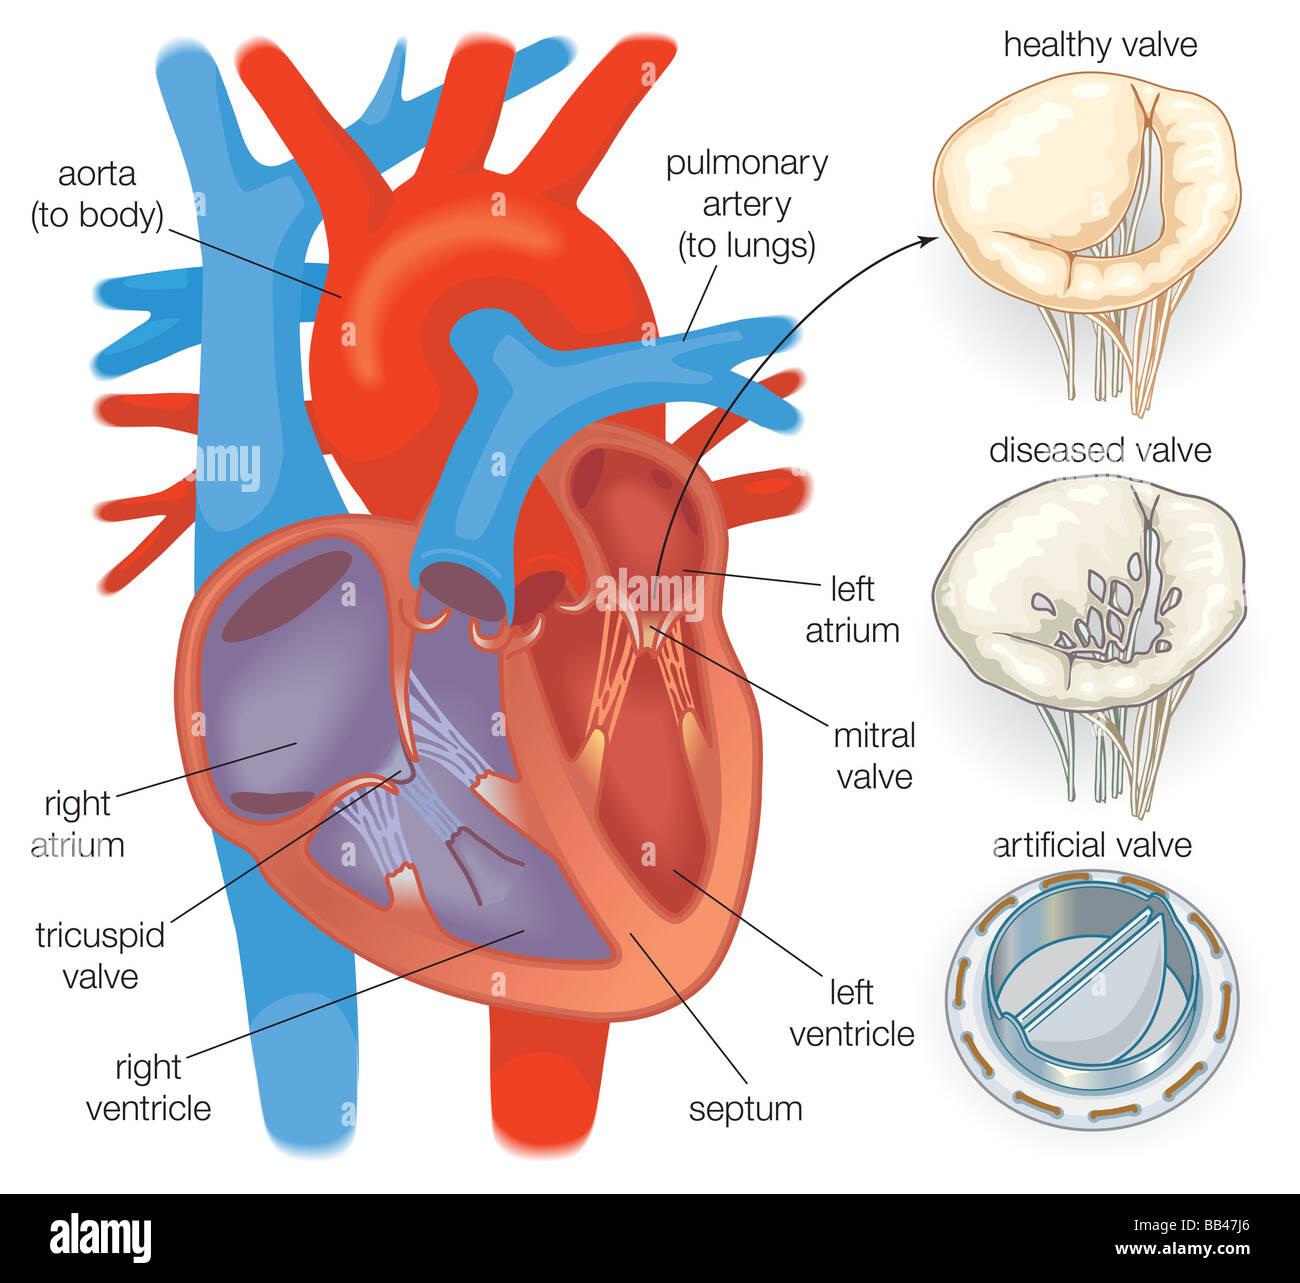 Das Diagramm zeigt ein gesundes Herz-Ventil im Vergleich eine ...